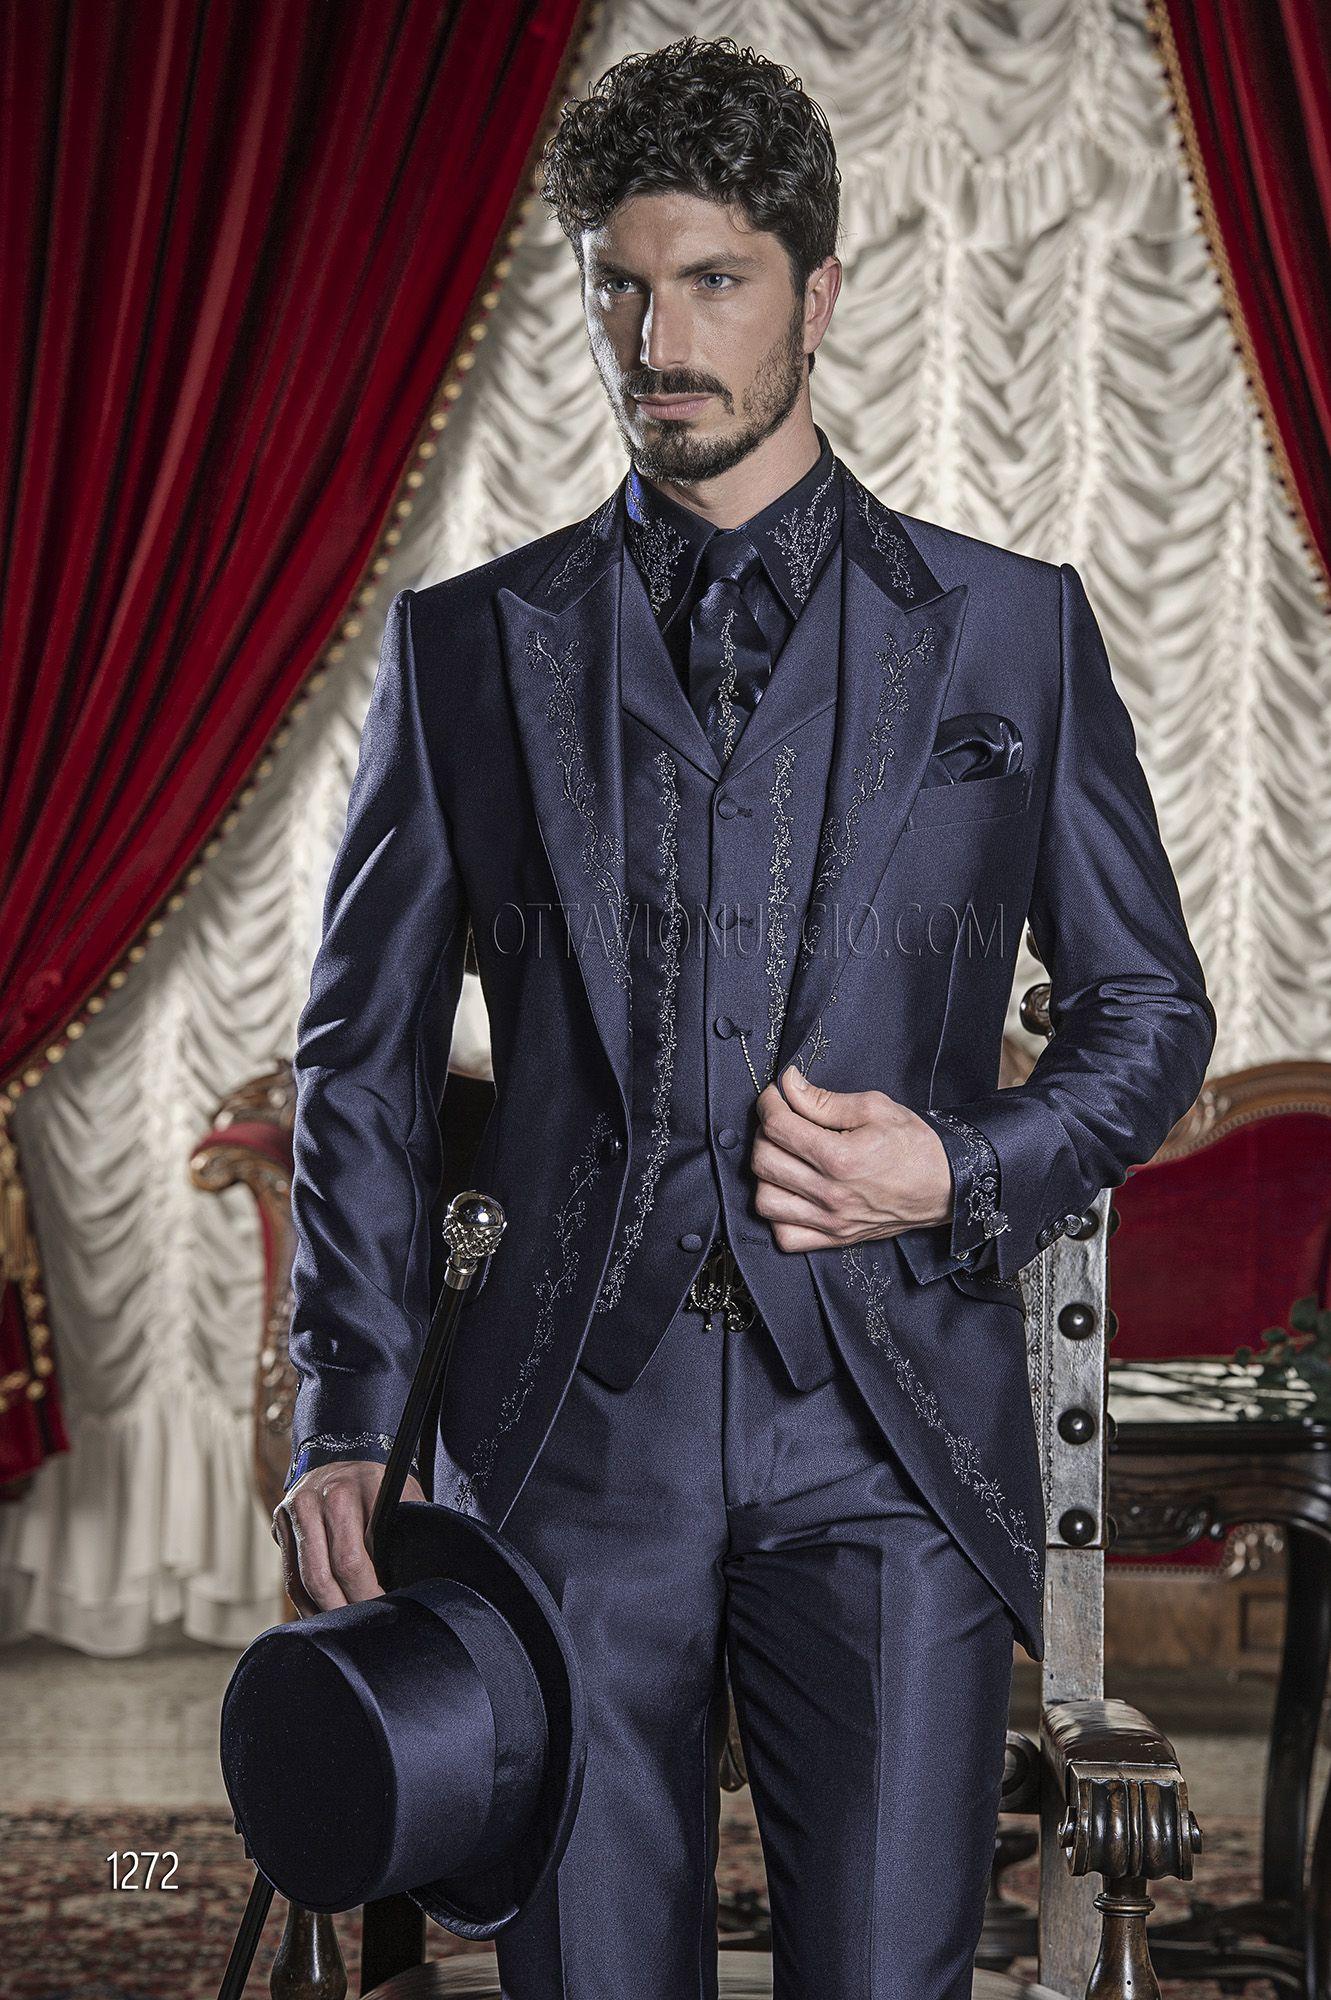 Abito Cerimonia Uomo Blu Scuro : Abito blu da cerimonia uomo con ricamo nero e argento #festive